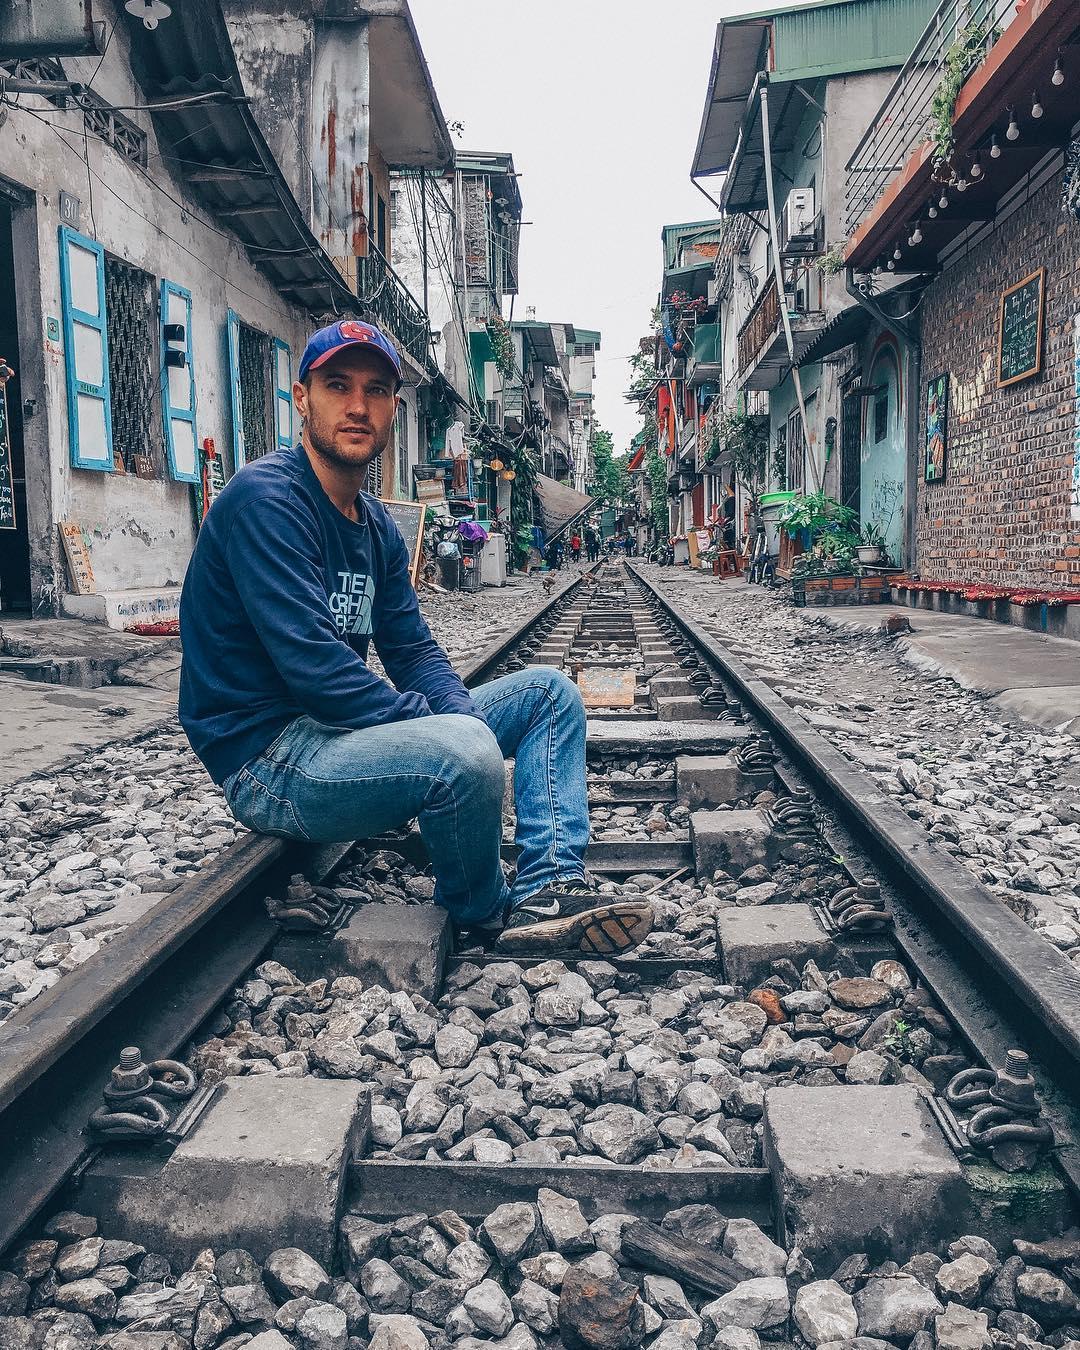 Артём говорит, что если его семья не разделит идею путешествий, он остепенится и поменяет образ жизни